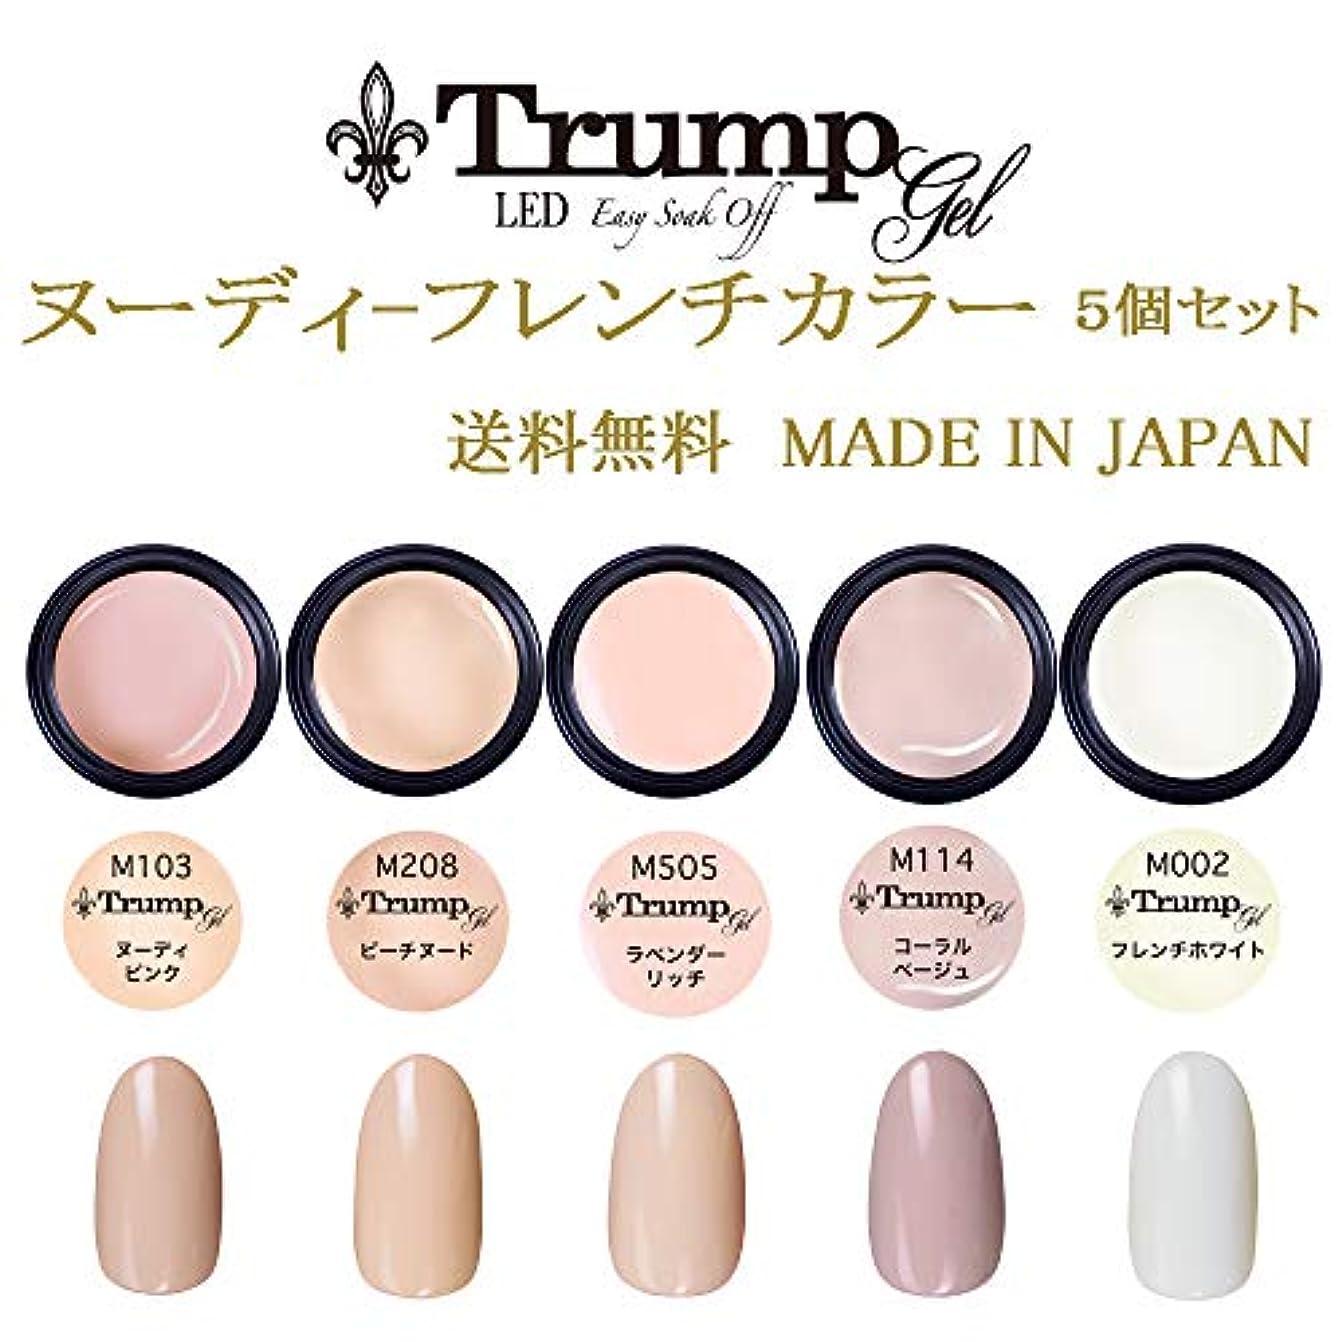 業界必要ない知っているに立ち寄る【送料無料】日本製 Trump gel トランプジェルヌーディフレンチカラージェル 5個セット 肌馴染みの良い ヌーデイフレンチカラージェルセット